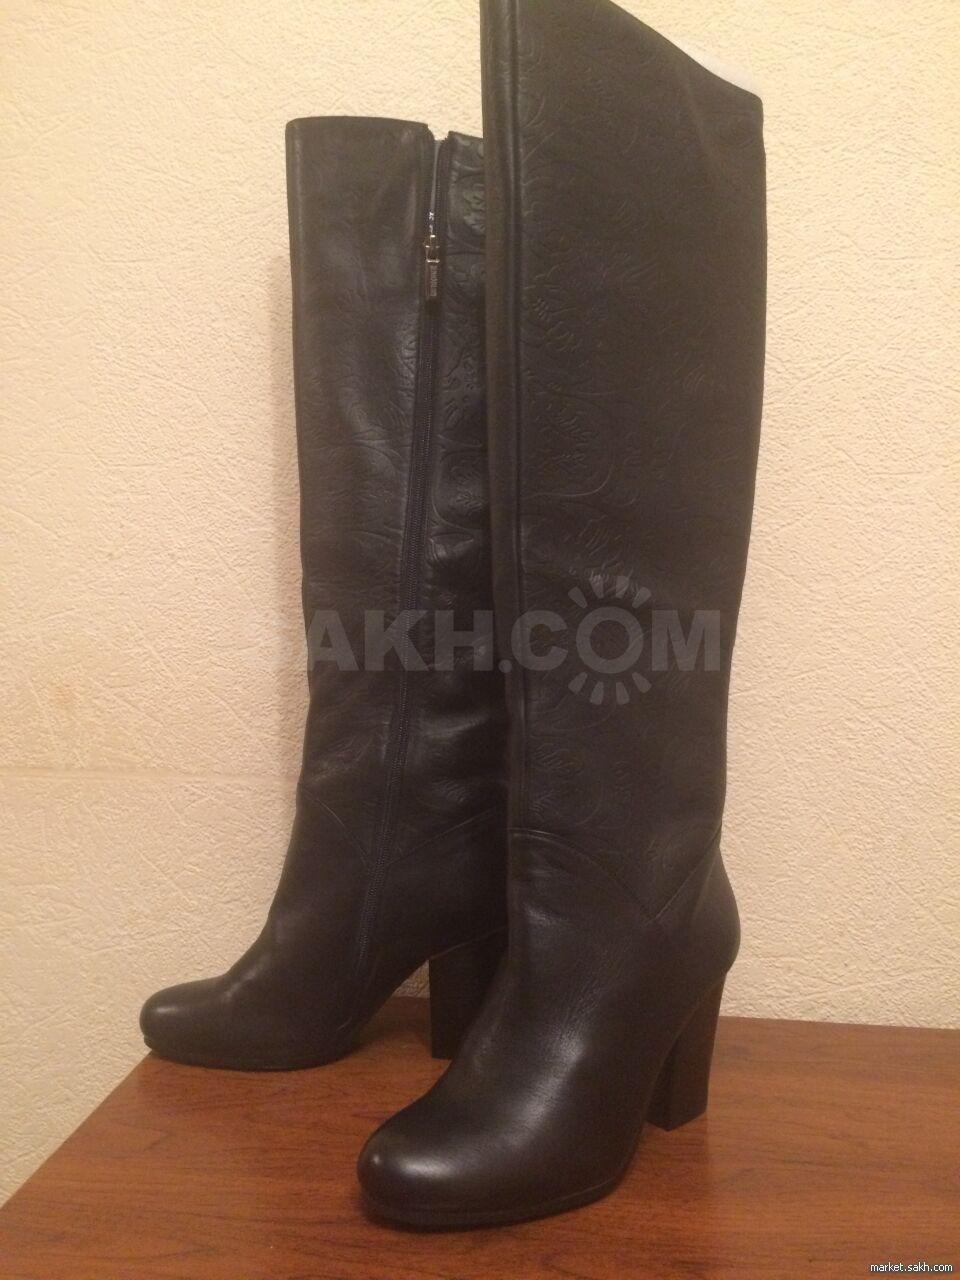 442a7c368 Продам зимние сапоги. Натуральная кожа, натуральный евромех, высокие до  середины колена, голенища декорированы неглубоким тиснением, 39 размер.